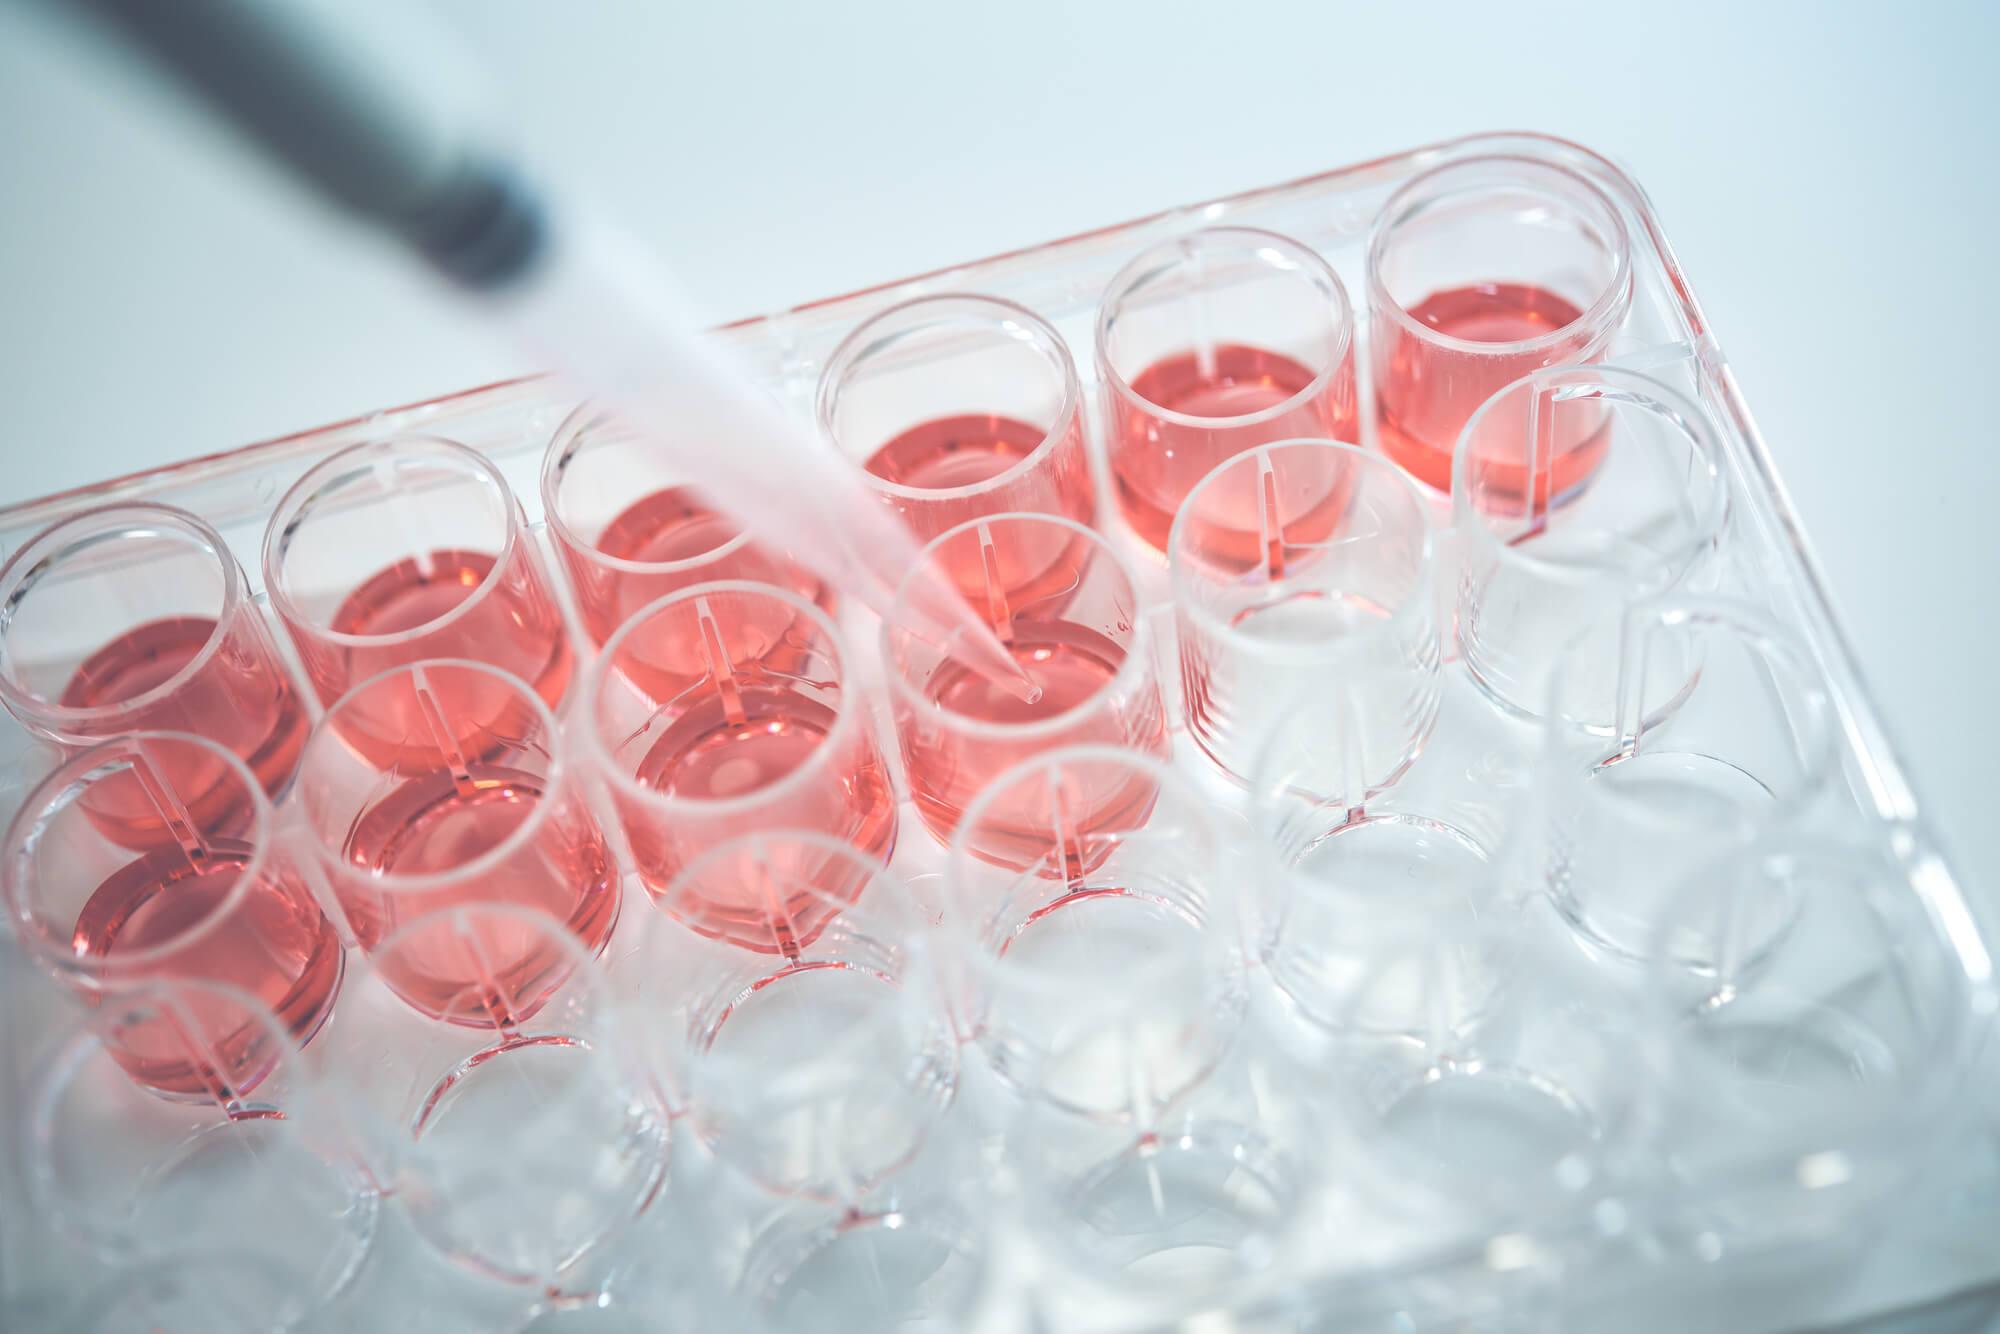 ポリジェニックリスクスコアで薬剤性肝障害を予測「新薬開発の成功確率高める可能性」